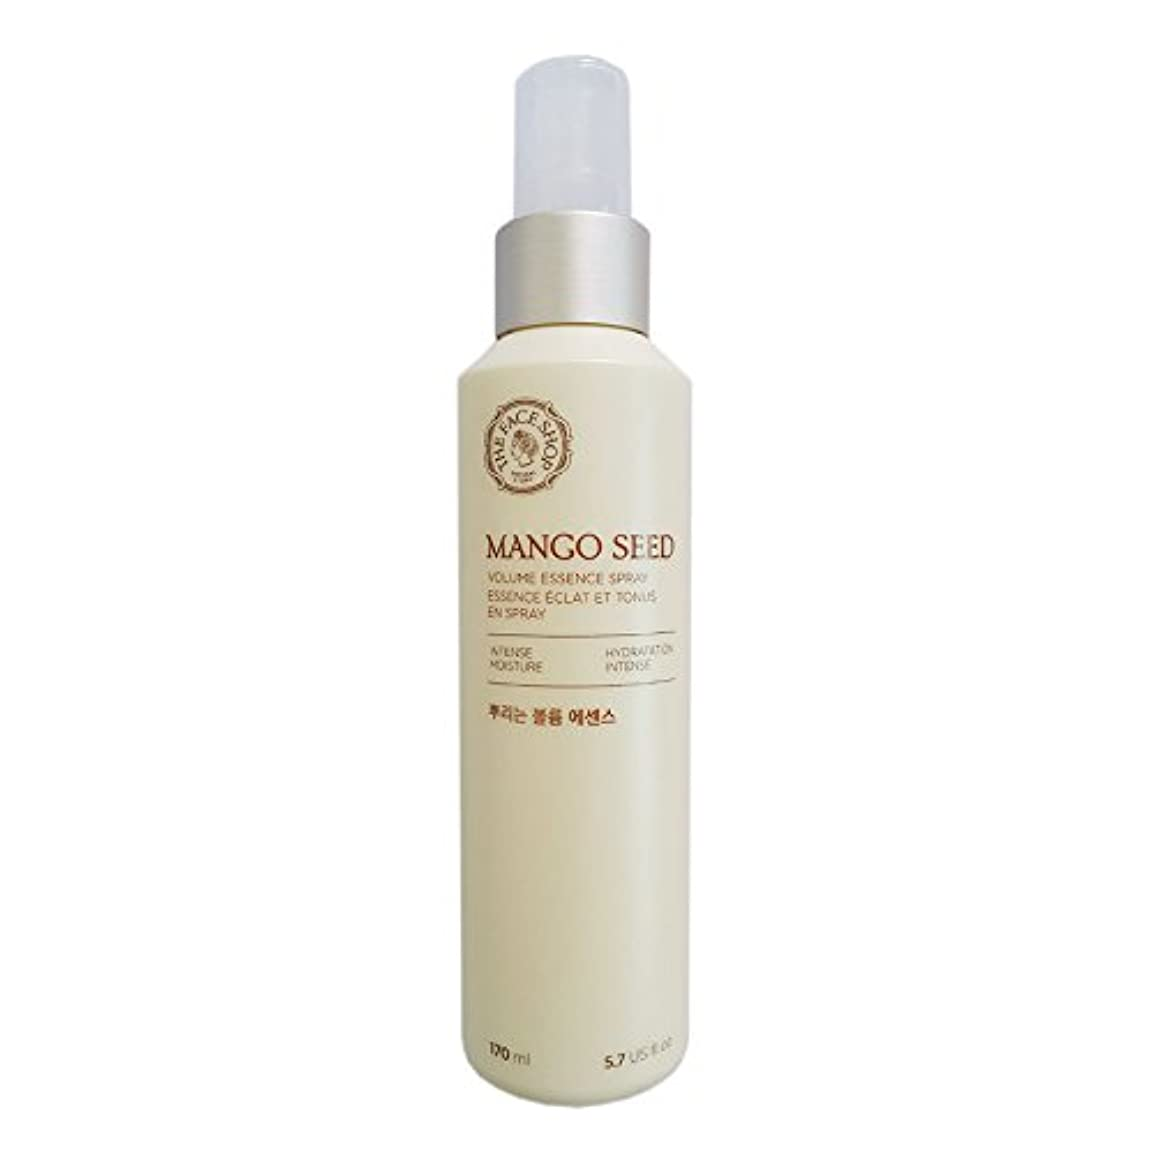 とまり木継承ロック[ザフェイスショップ] THE FACE SHOP マンゴシードスプレーボリューム?エッセンス(170ml) The Face Shop Mango Seed Volume Essence Spray (170ml) [...